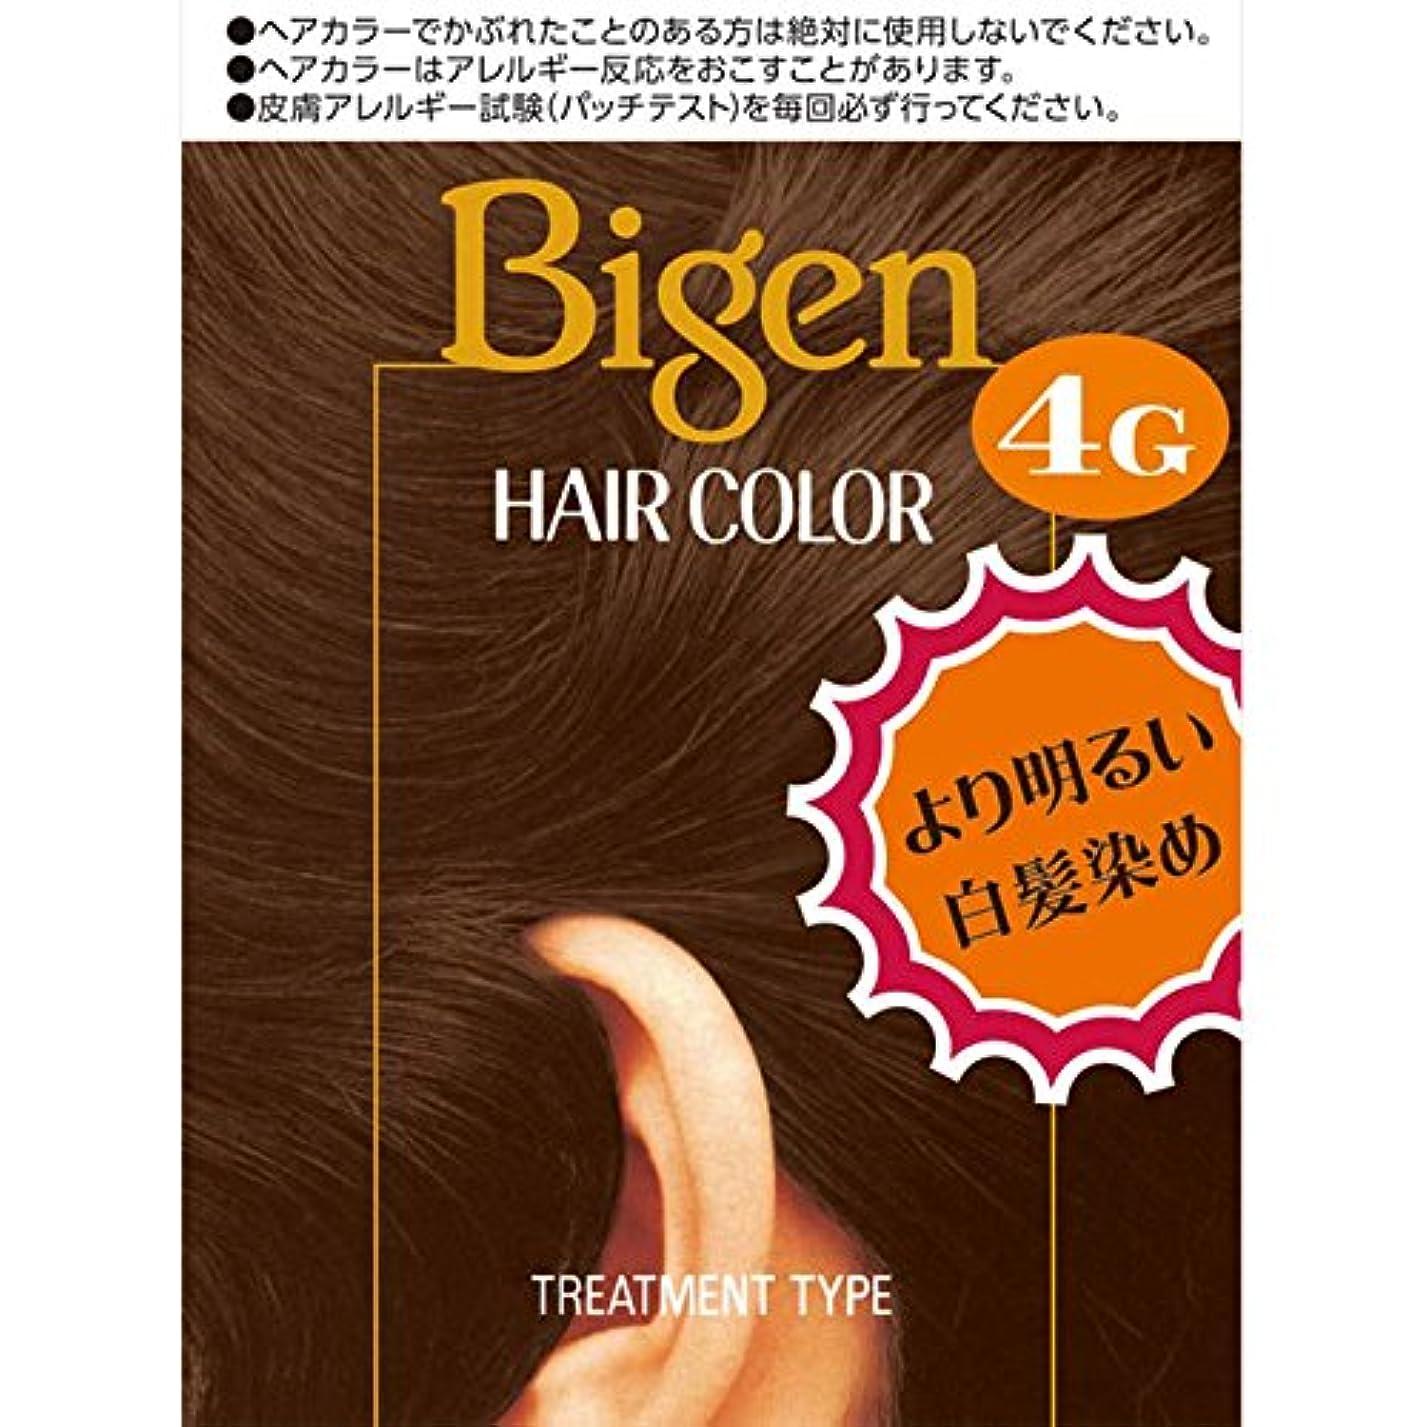 テンポ球体研磨ホーユー ビゲン ヘアカラー 4G 自然な栗色 40ml×2 (医薬部外品)